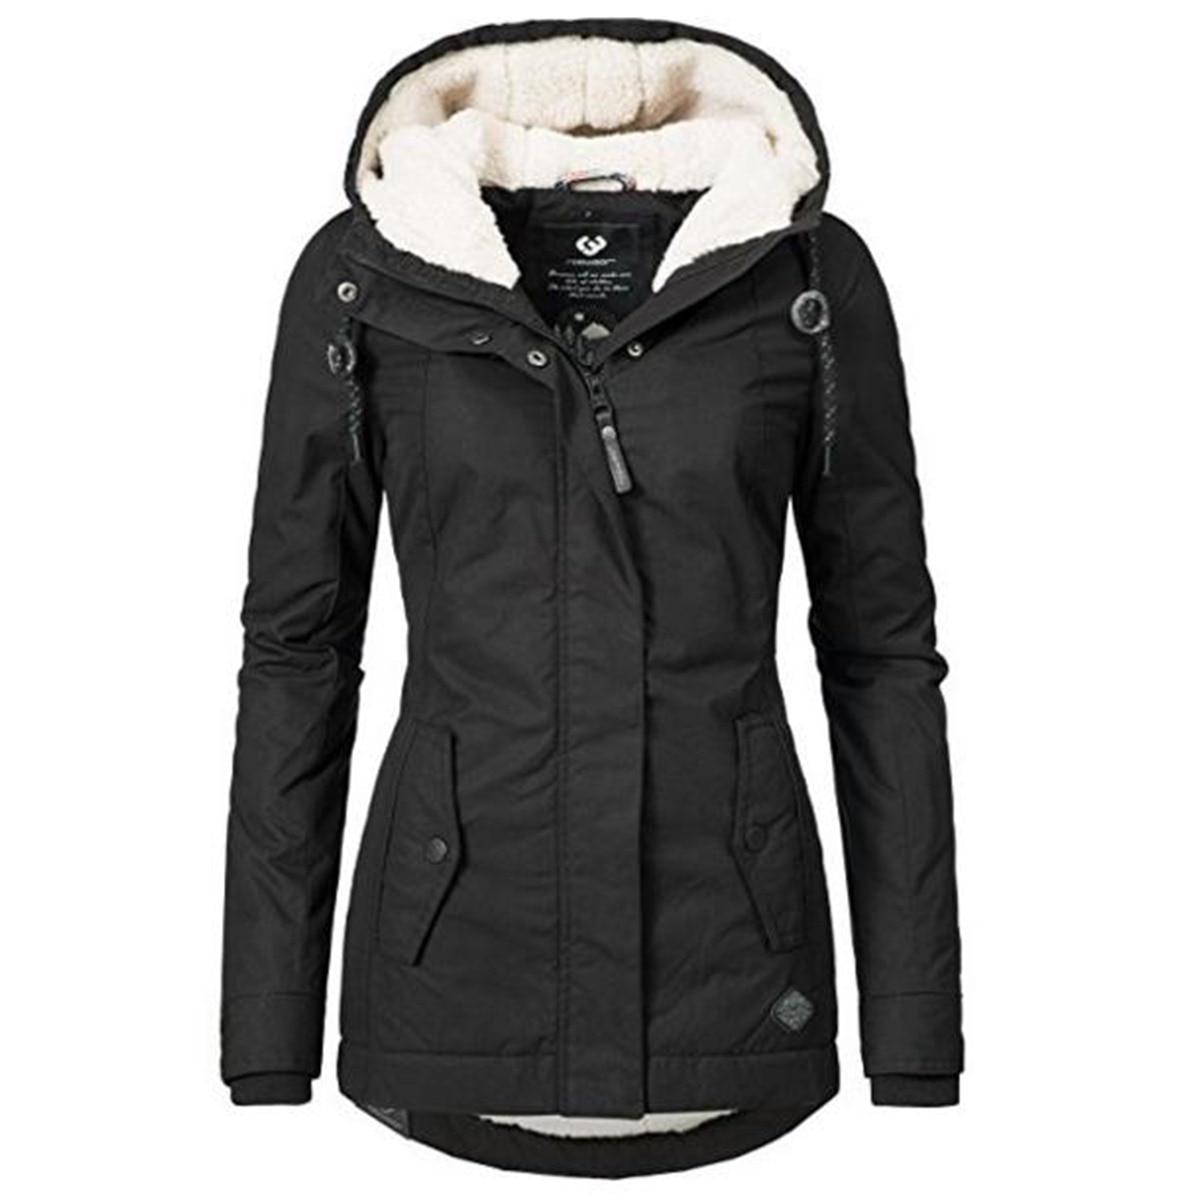 Schwarz Baumwolle Mäntel Frauen Casual Mit Kapuze Jacke Mantel Mode Einfache High Street Schlanke 2018 Winter Warm Verdicken Grundlegende Tops Weibliche